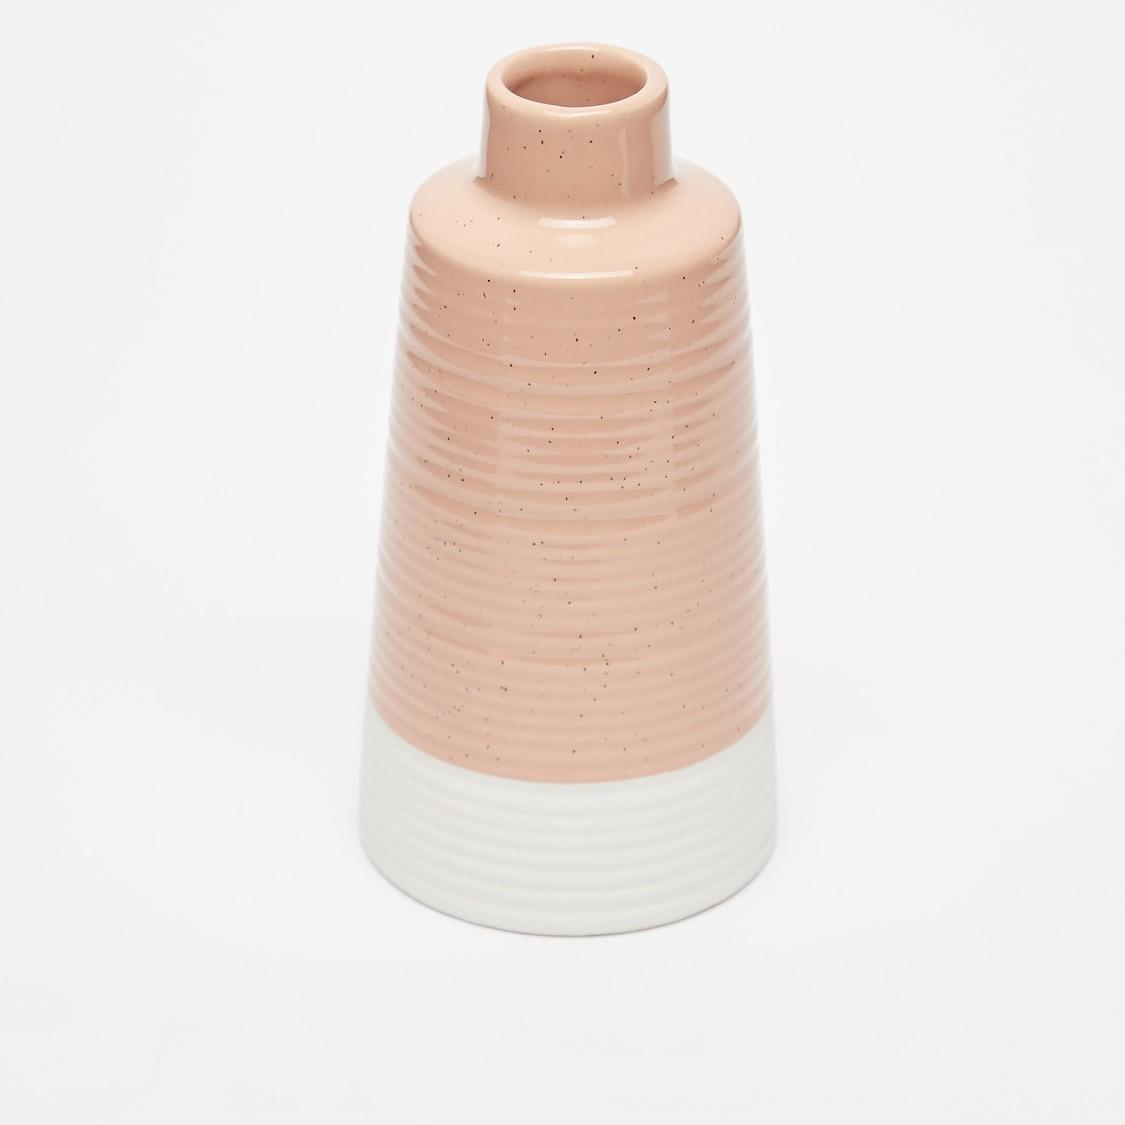 Decorative Ceramic Colour Block Vase - 18x9 cms